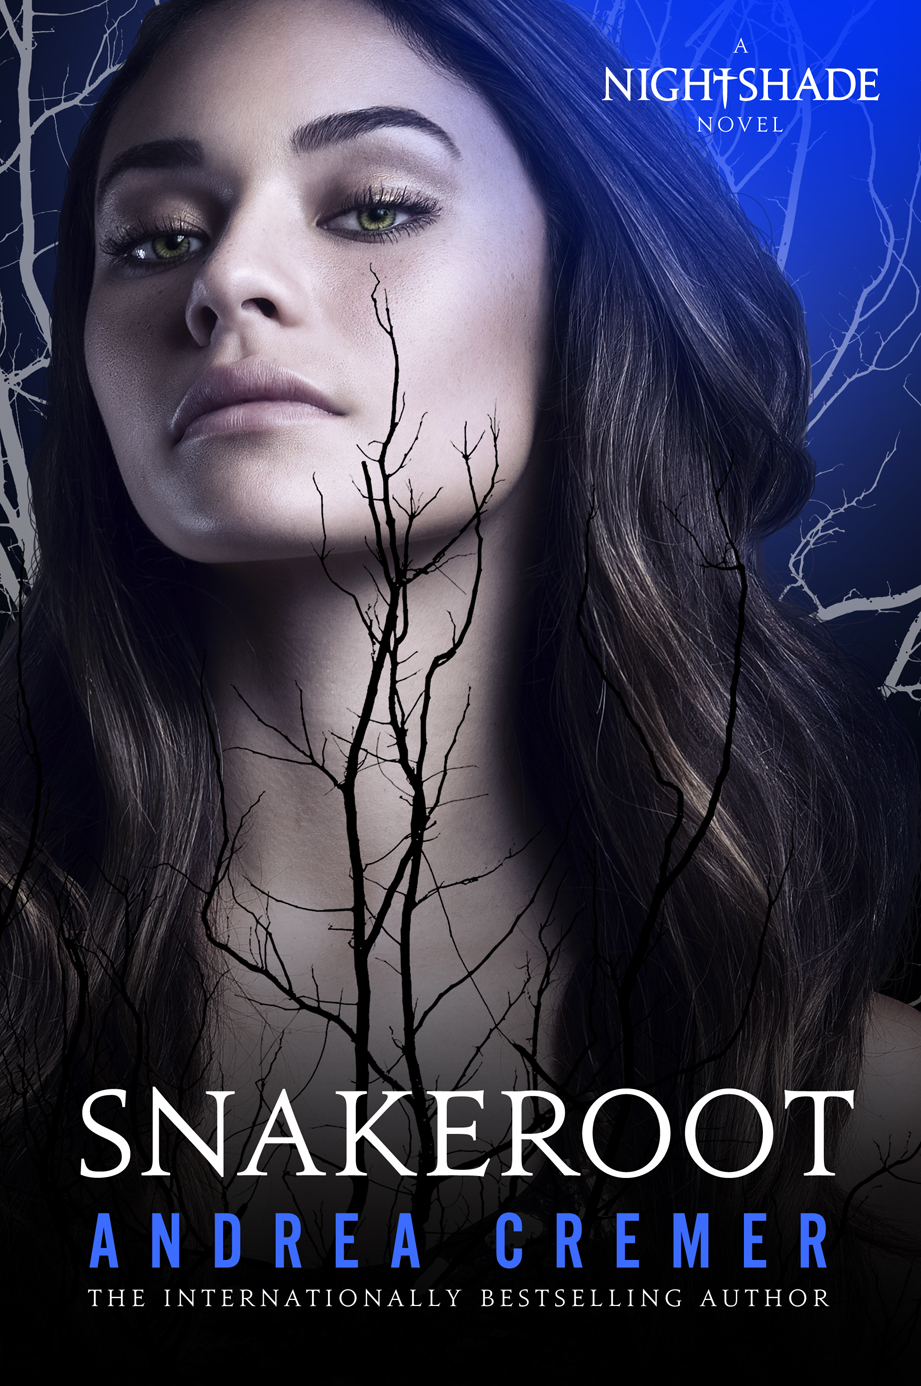 Snakefroot